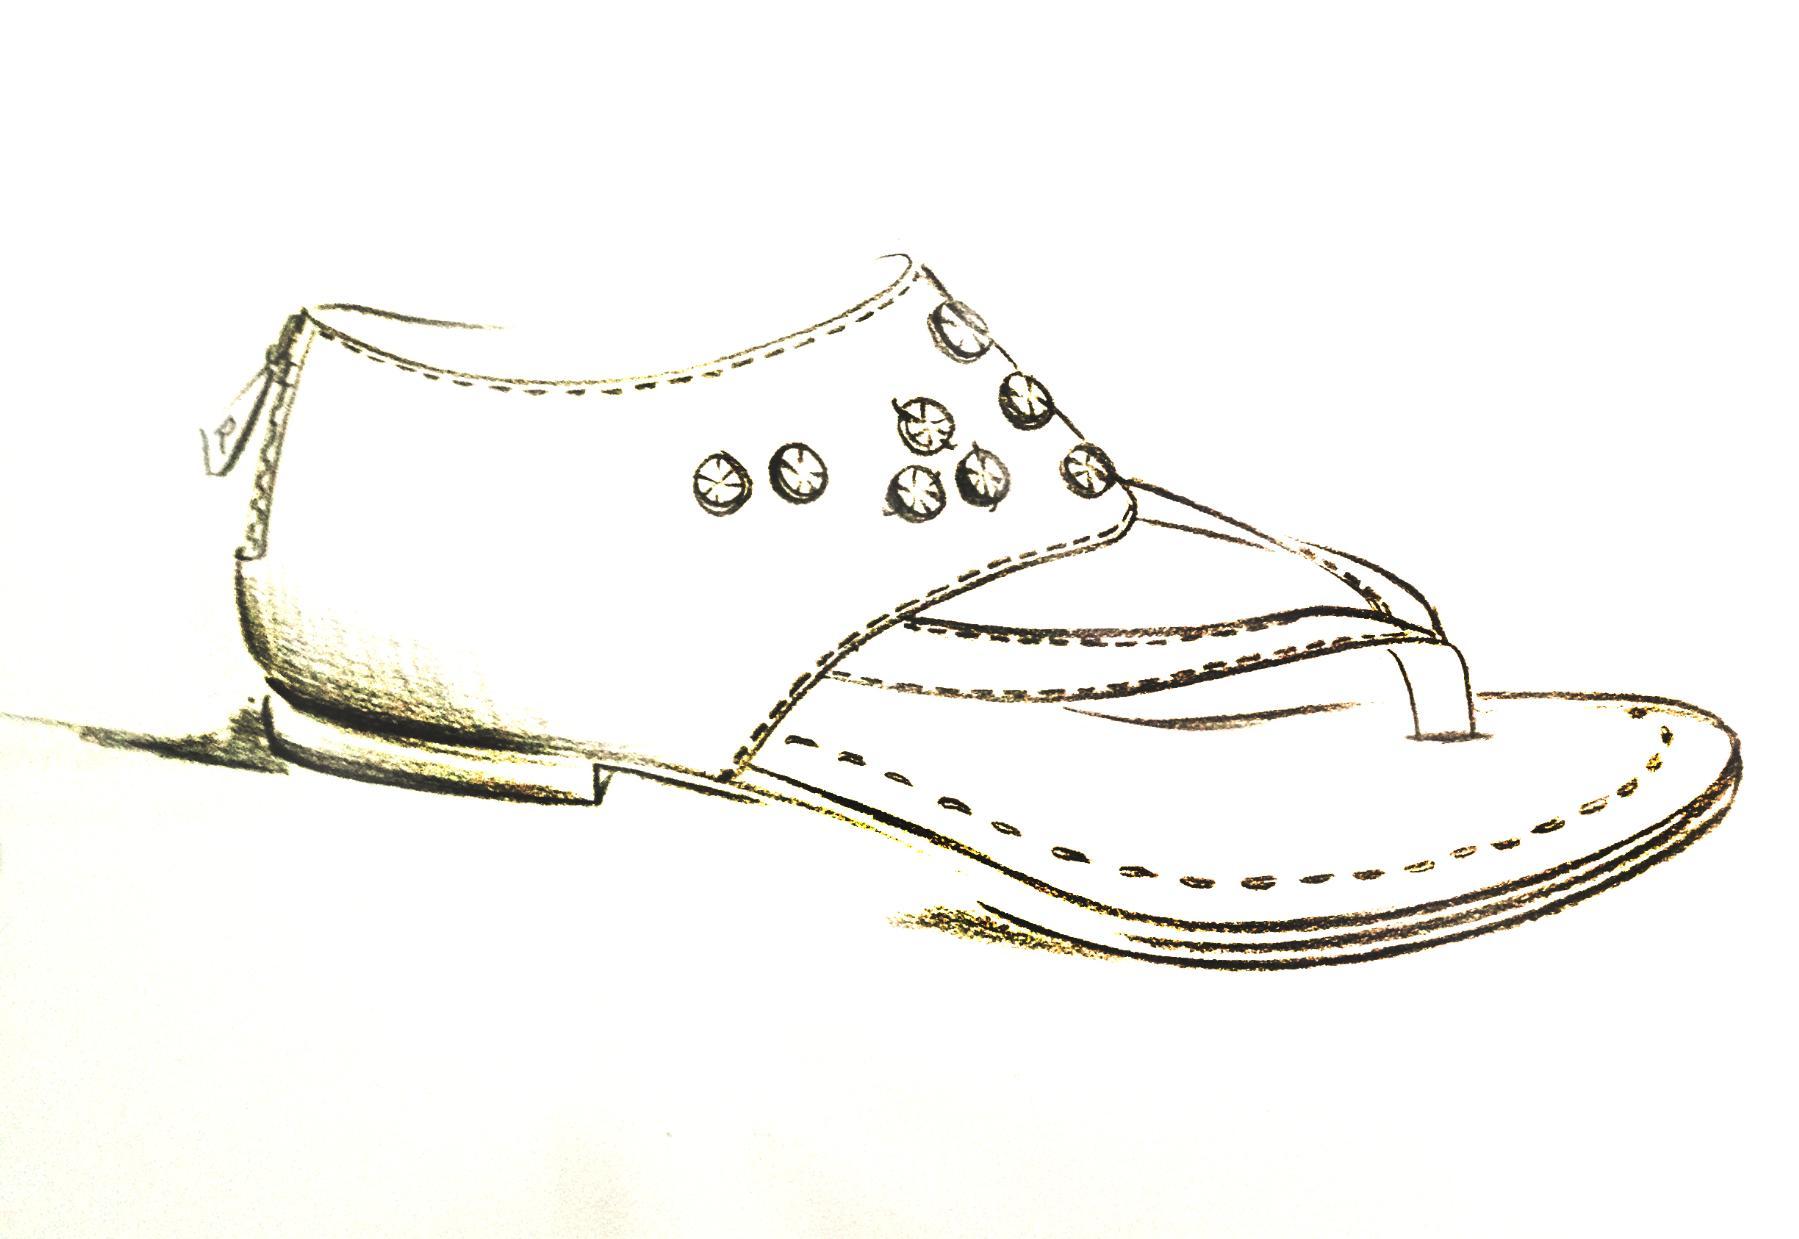 学生作品-广州锦鸿鞋样电脑设计学校